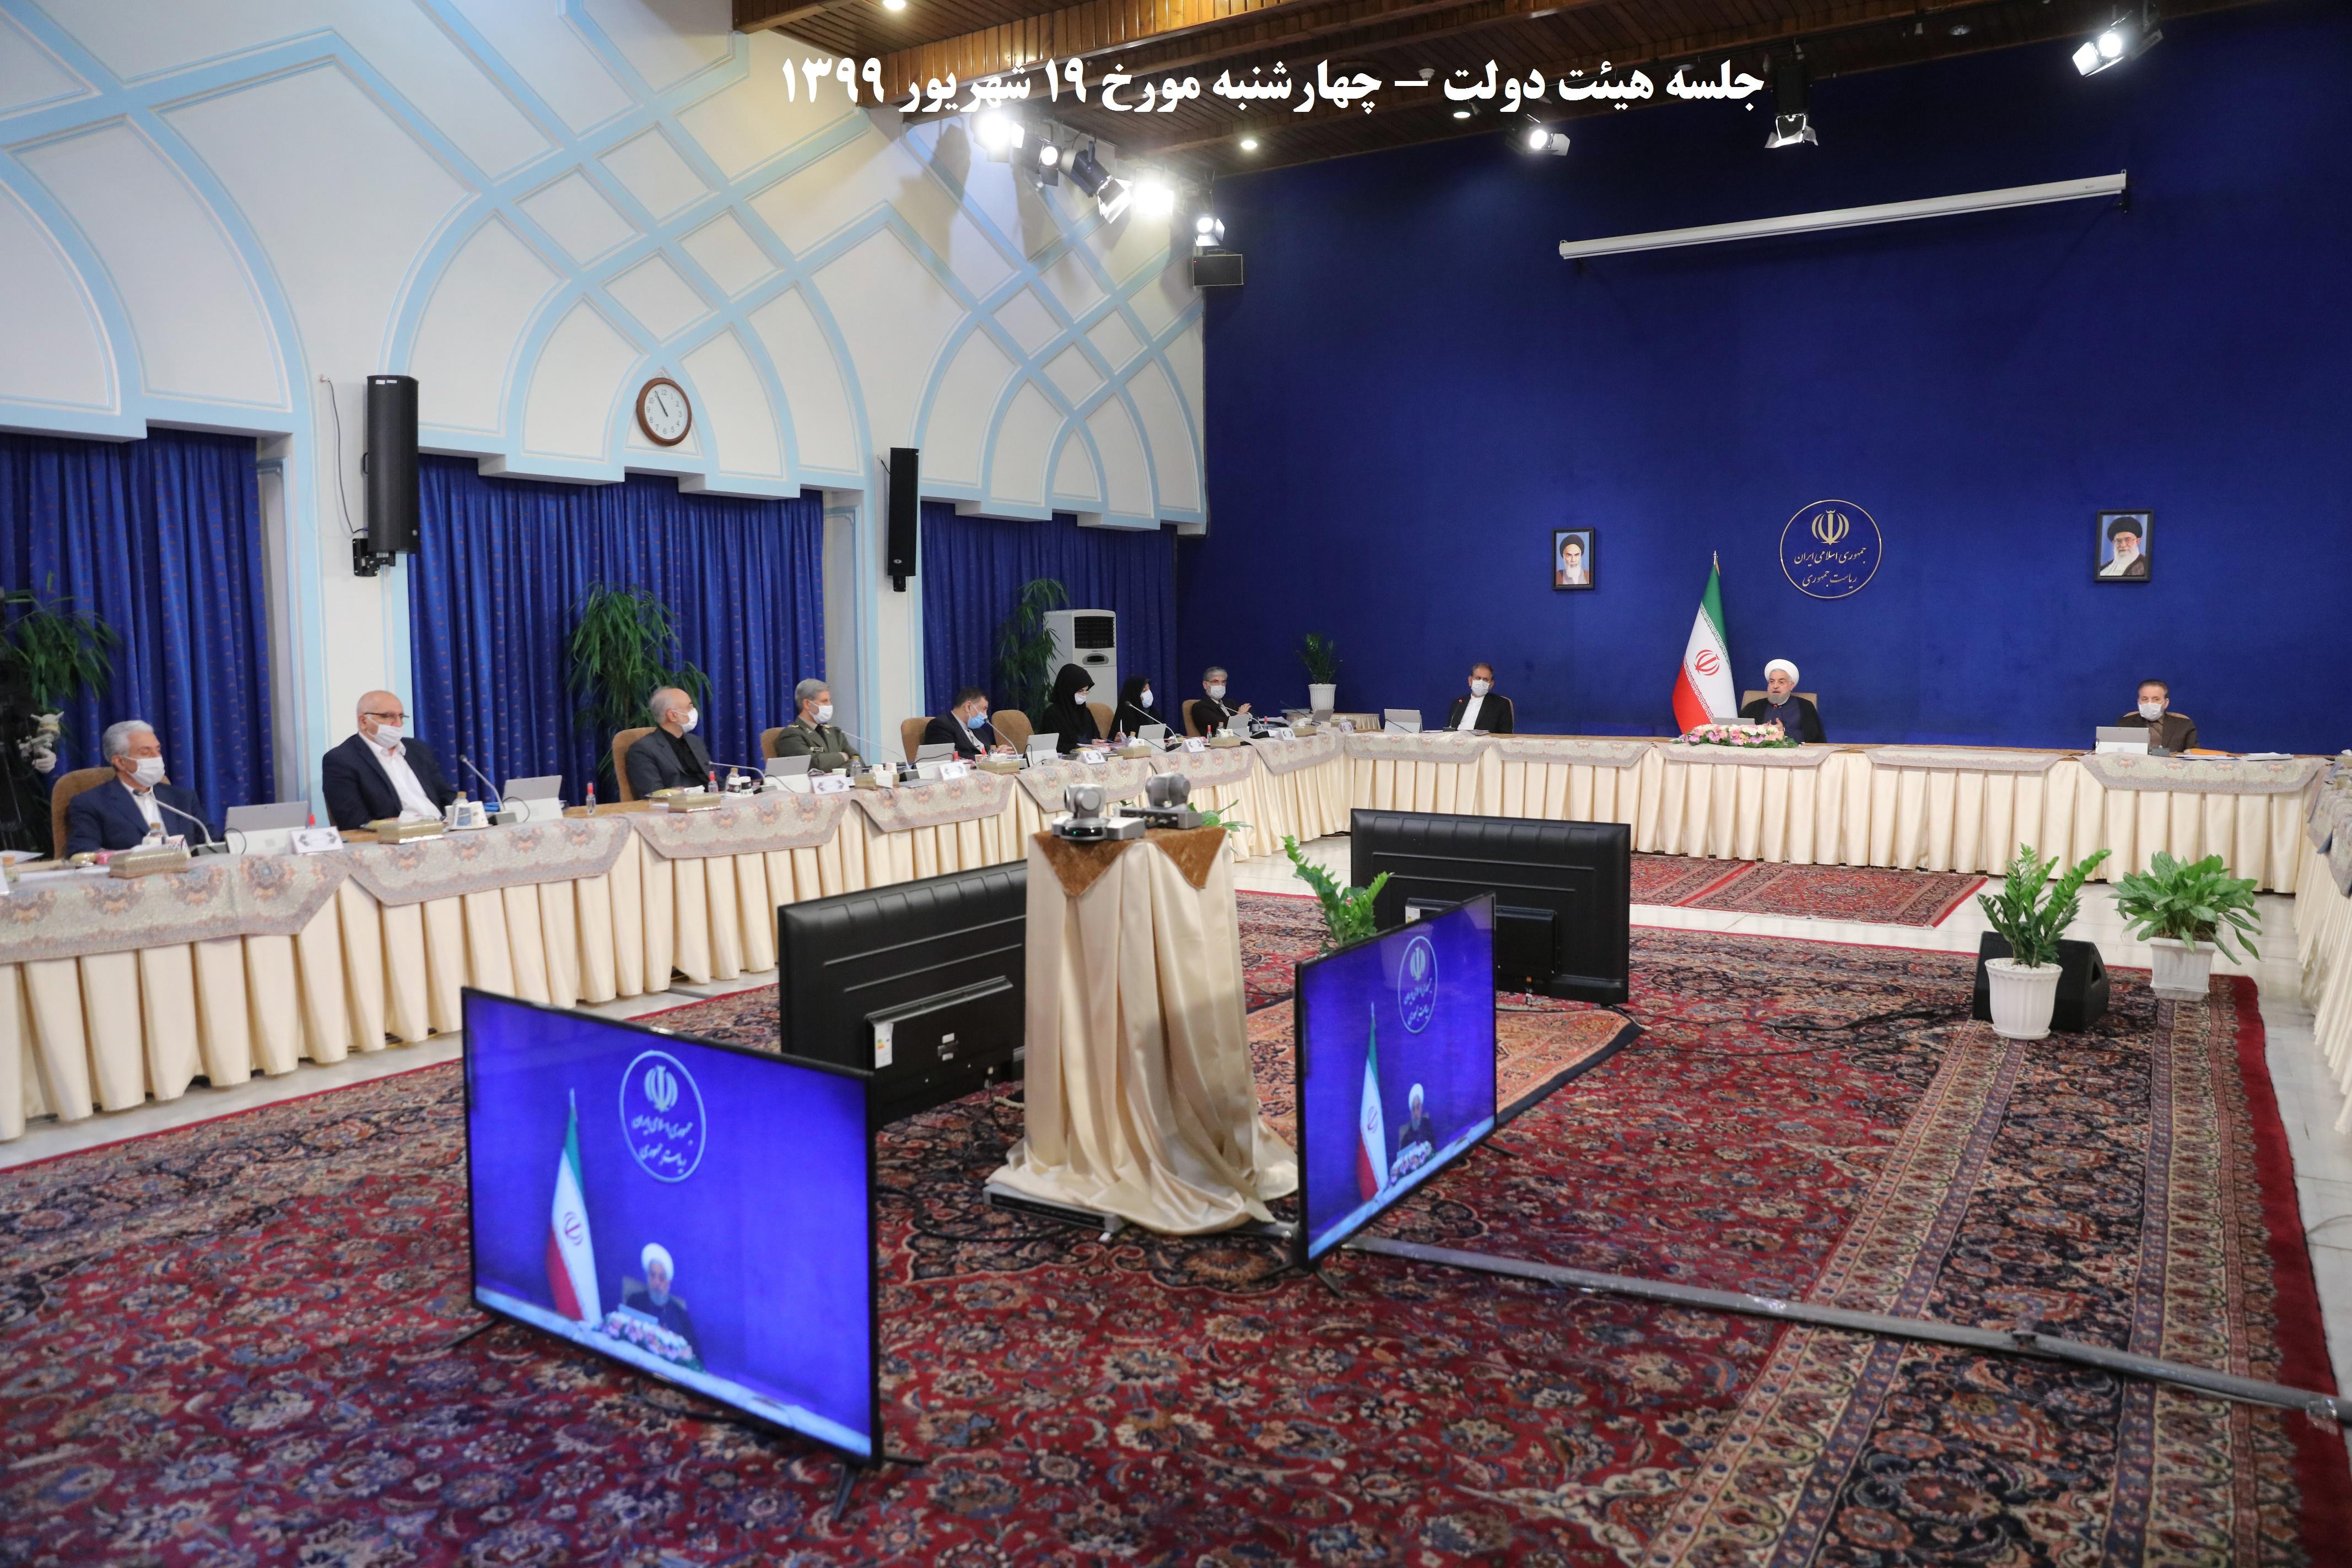 موافقت دولت با اختصاص بخشی از اراضی شرکت کشت و صنعت و دامپروری مغان برای ساماندهی عشایر